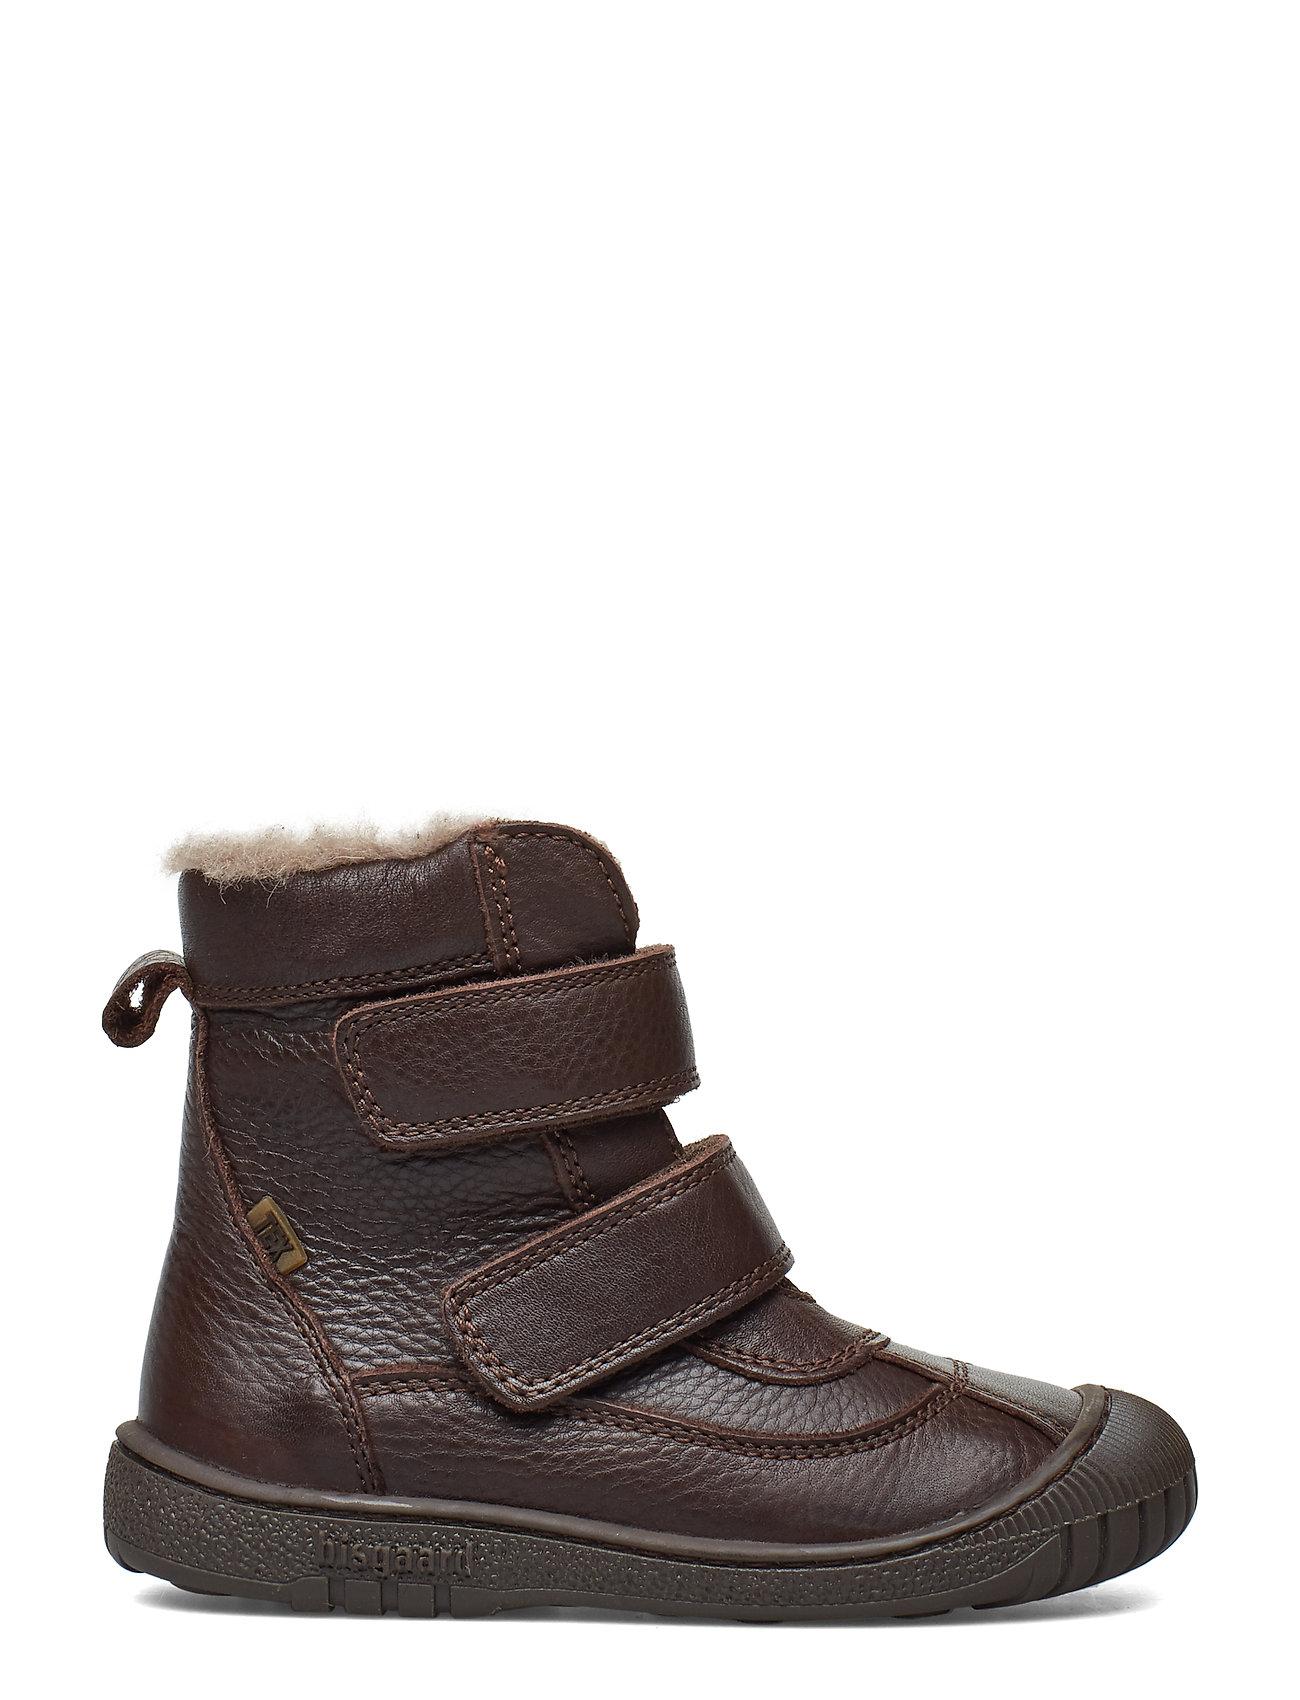 Tex Boot (Brown) (576.95 kr) Bisgaard |